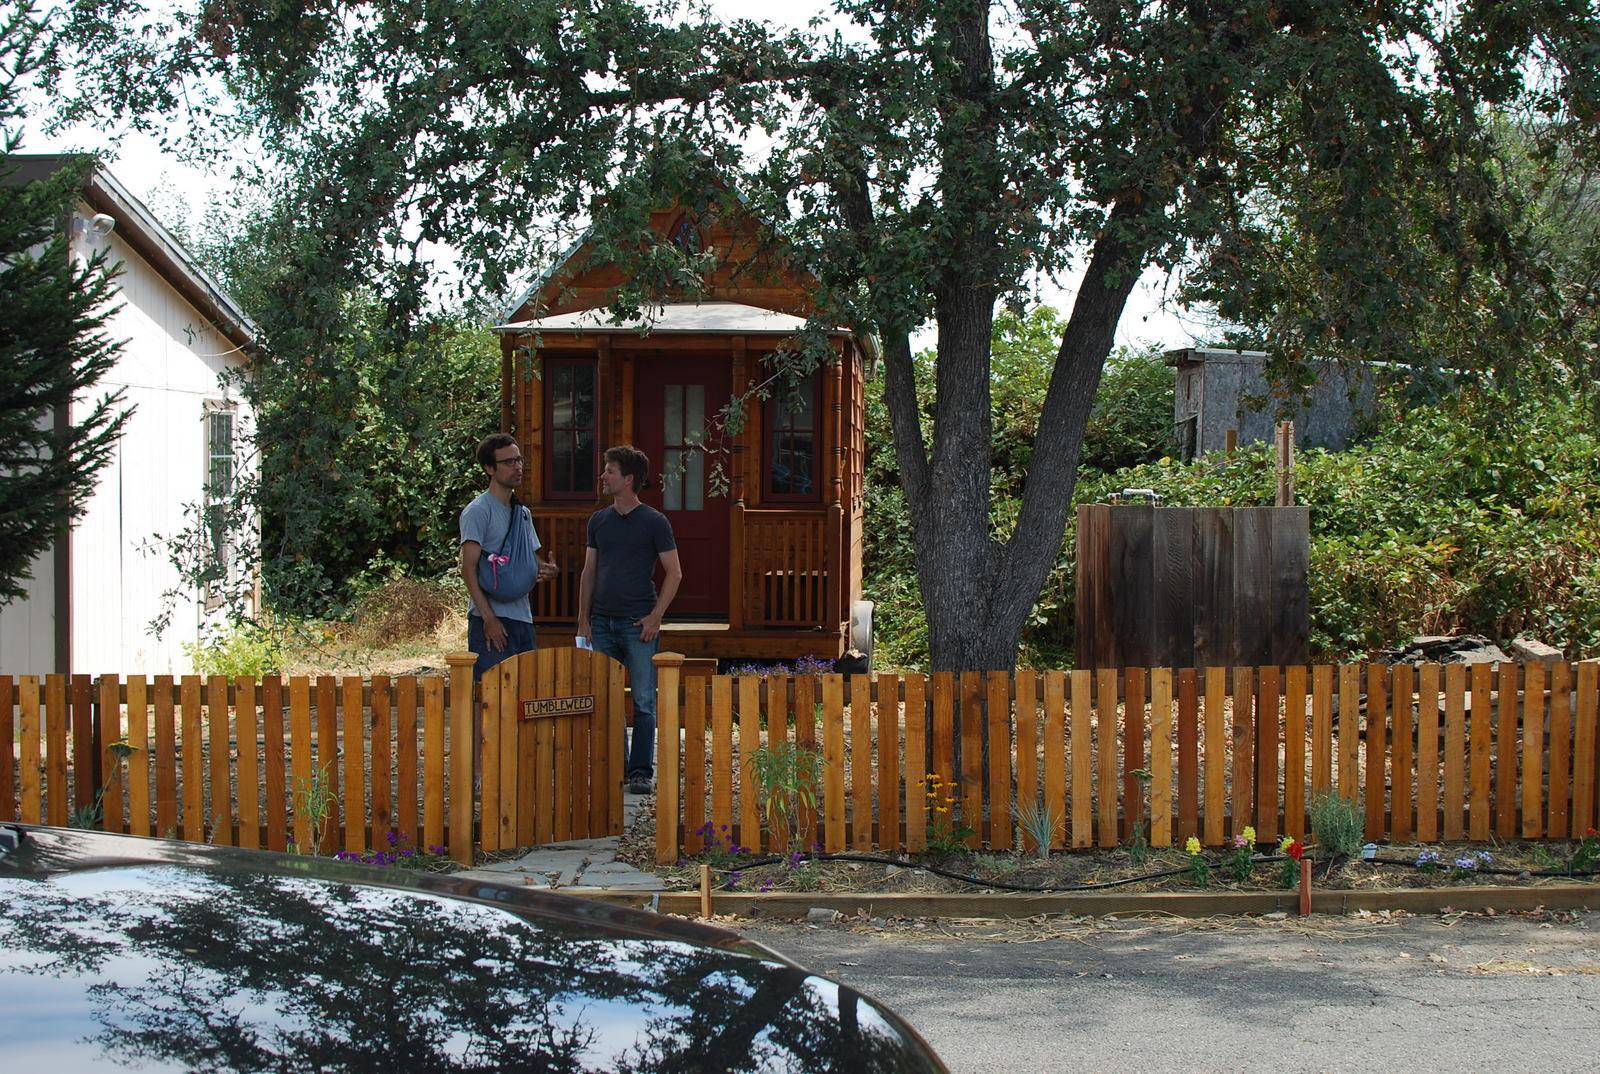 nicolás boullosa from *faircompanies (left) & jay shafer (right) from tumbleweed tiny house company